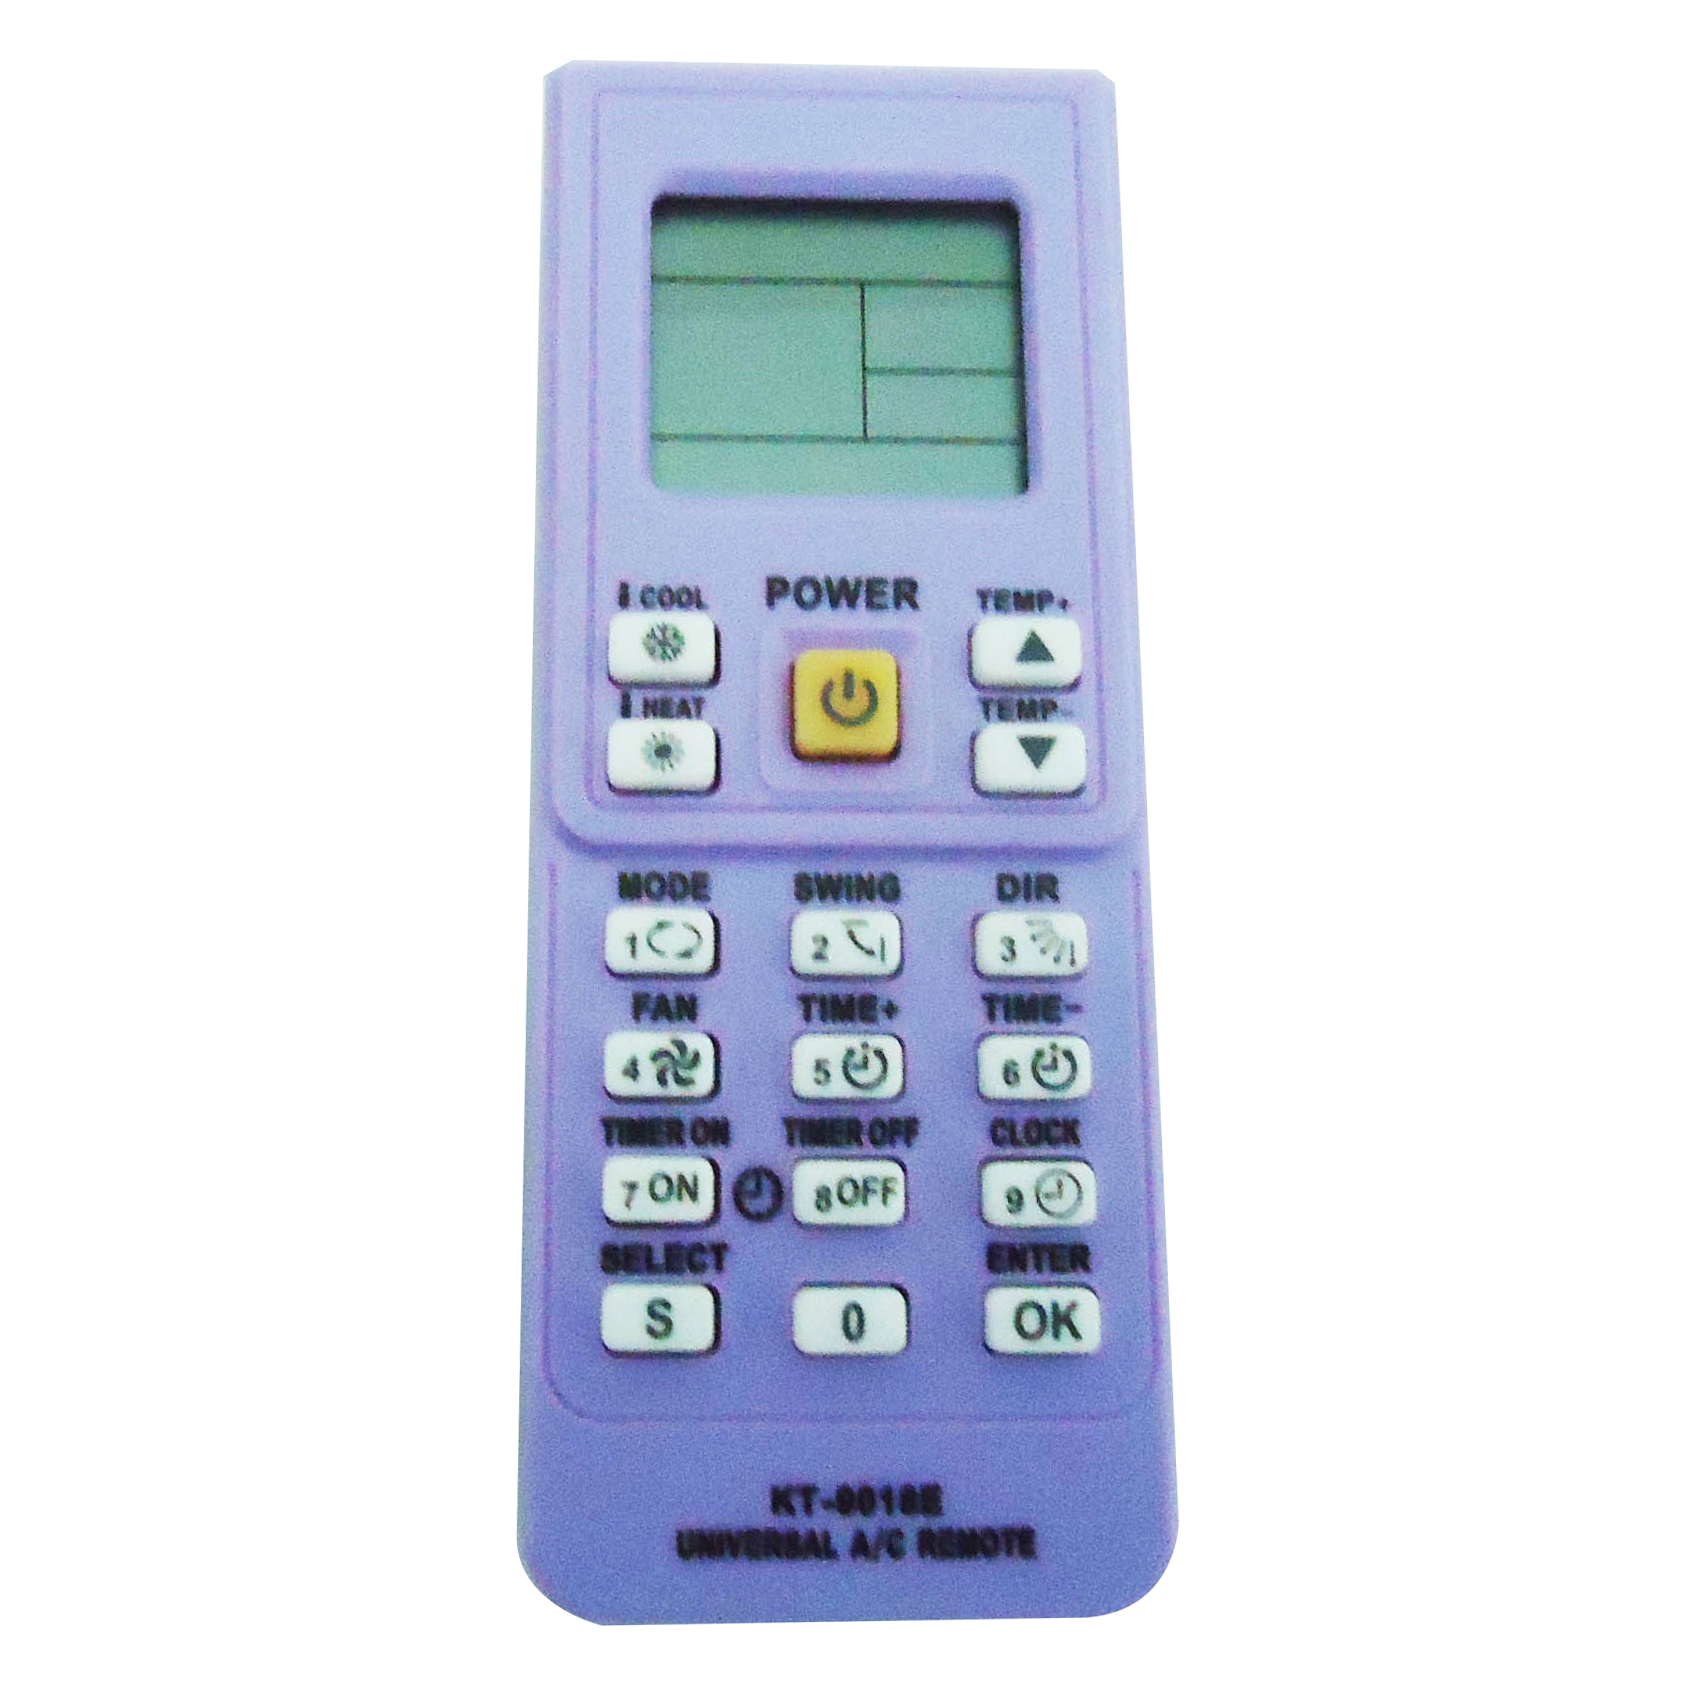 KT9018 Τηλεχειριστήρια Κλιματιστικών Air Condition κλιματισμός    ανταλλακτικά   εξαρτήματα κλιματιστικών a c  προσφορές   κλιματισ